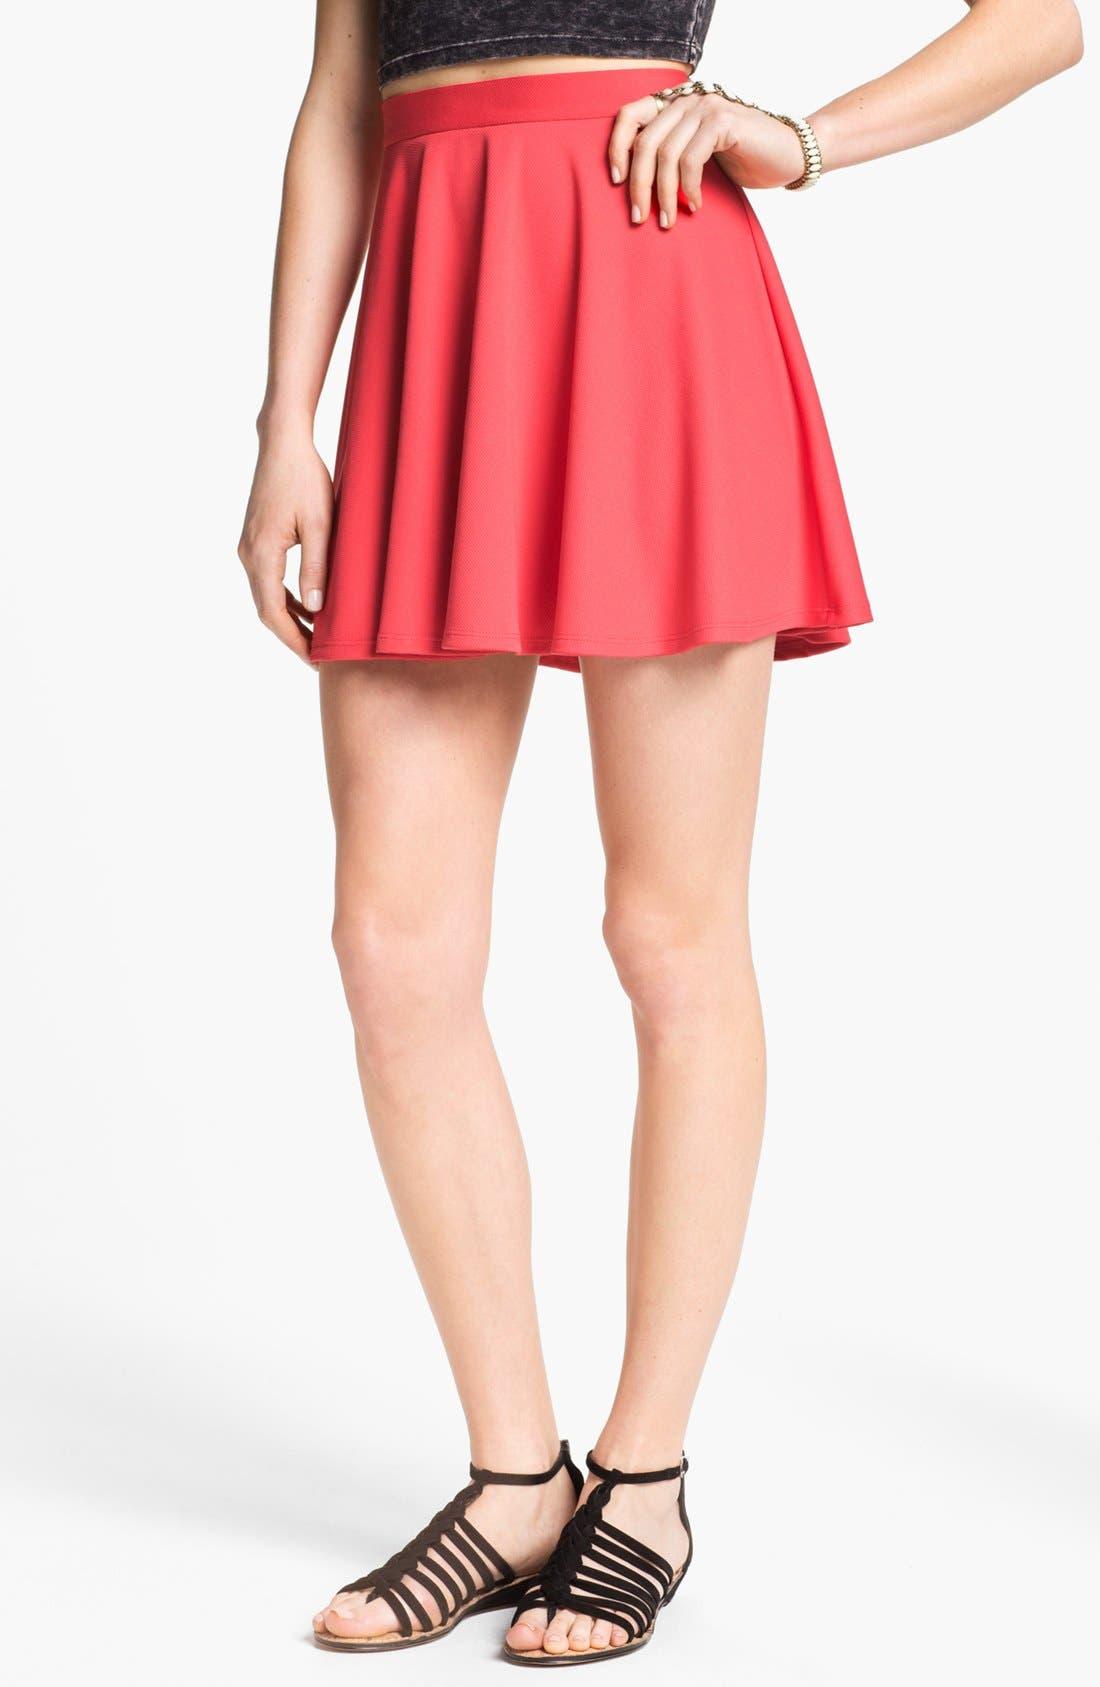 Alternate Image 1 Selected - Lush Skater Skirt (Juniors)